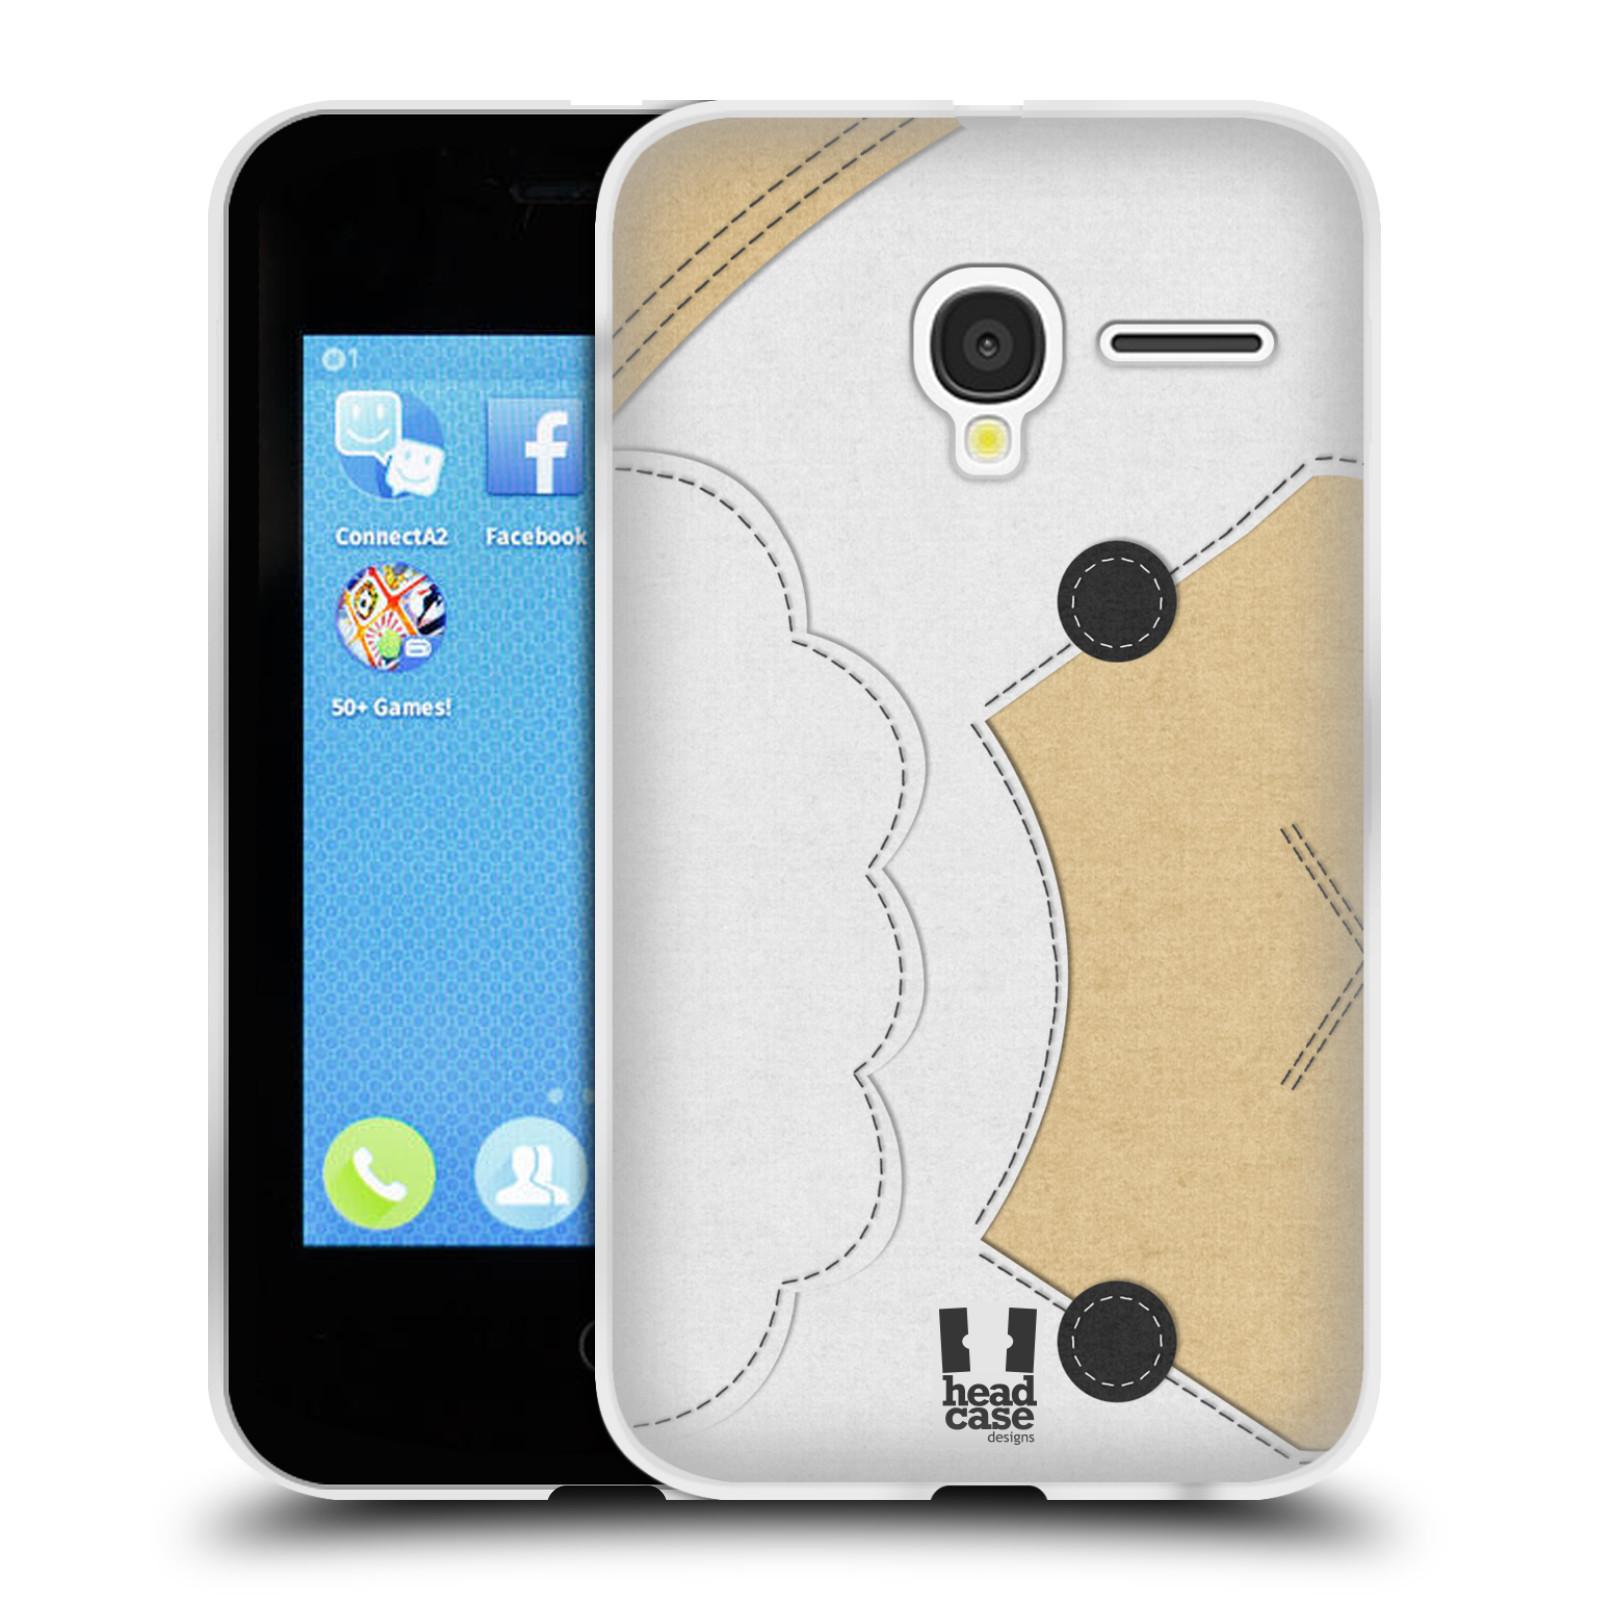 HEAD CASE silikonový obal na mobil Alcatel PIXI 3 OT-4022D (3,5 palcový displej) vzor zvířecí nášivka ovečka